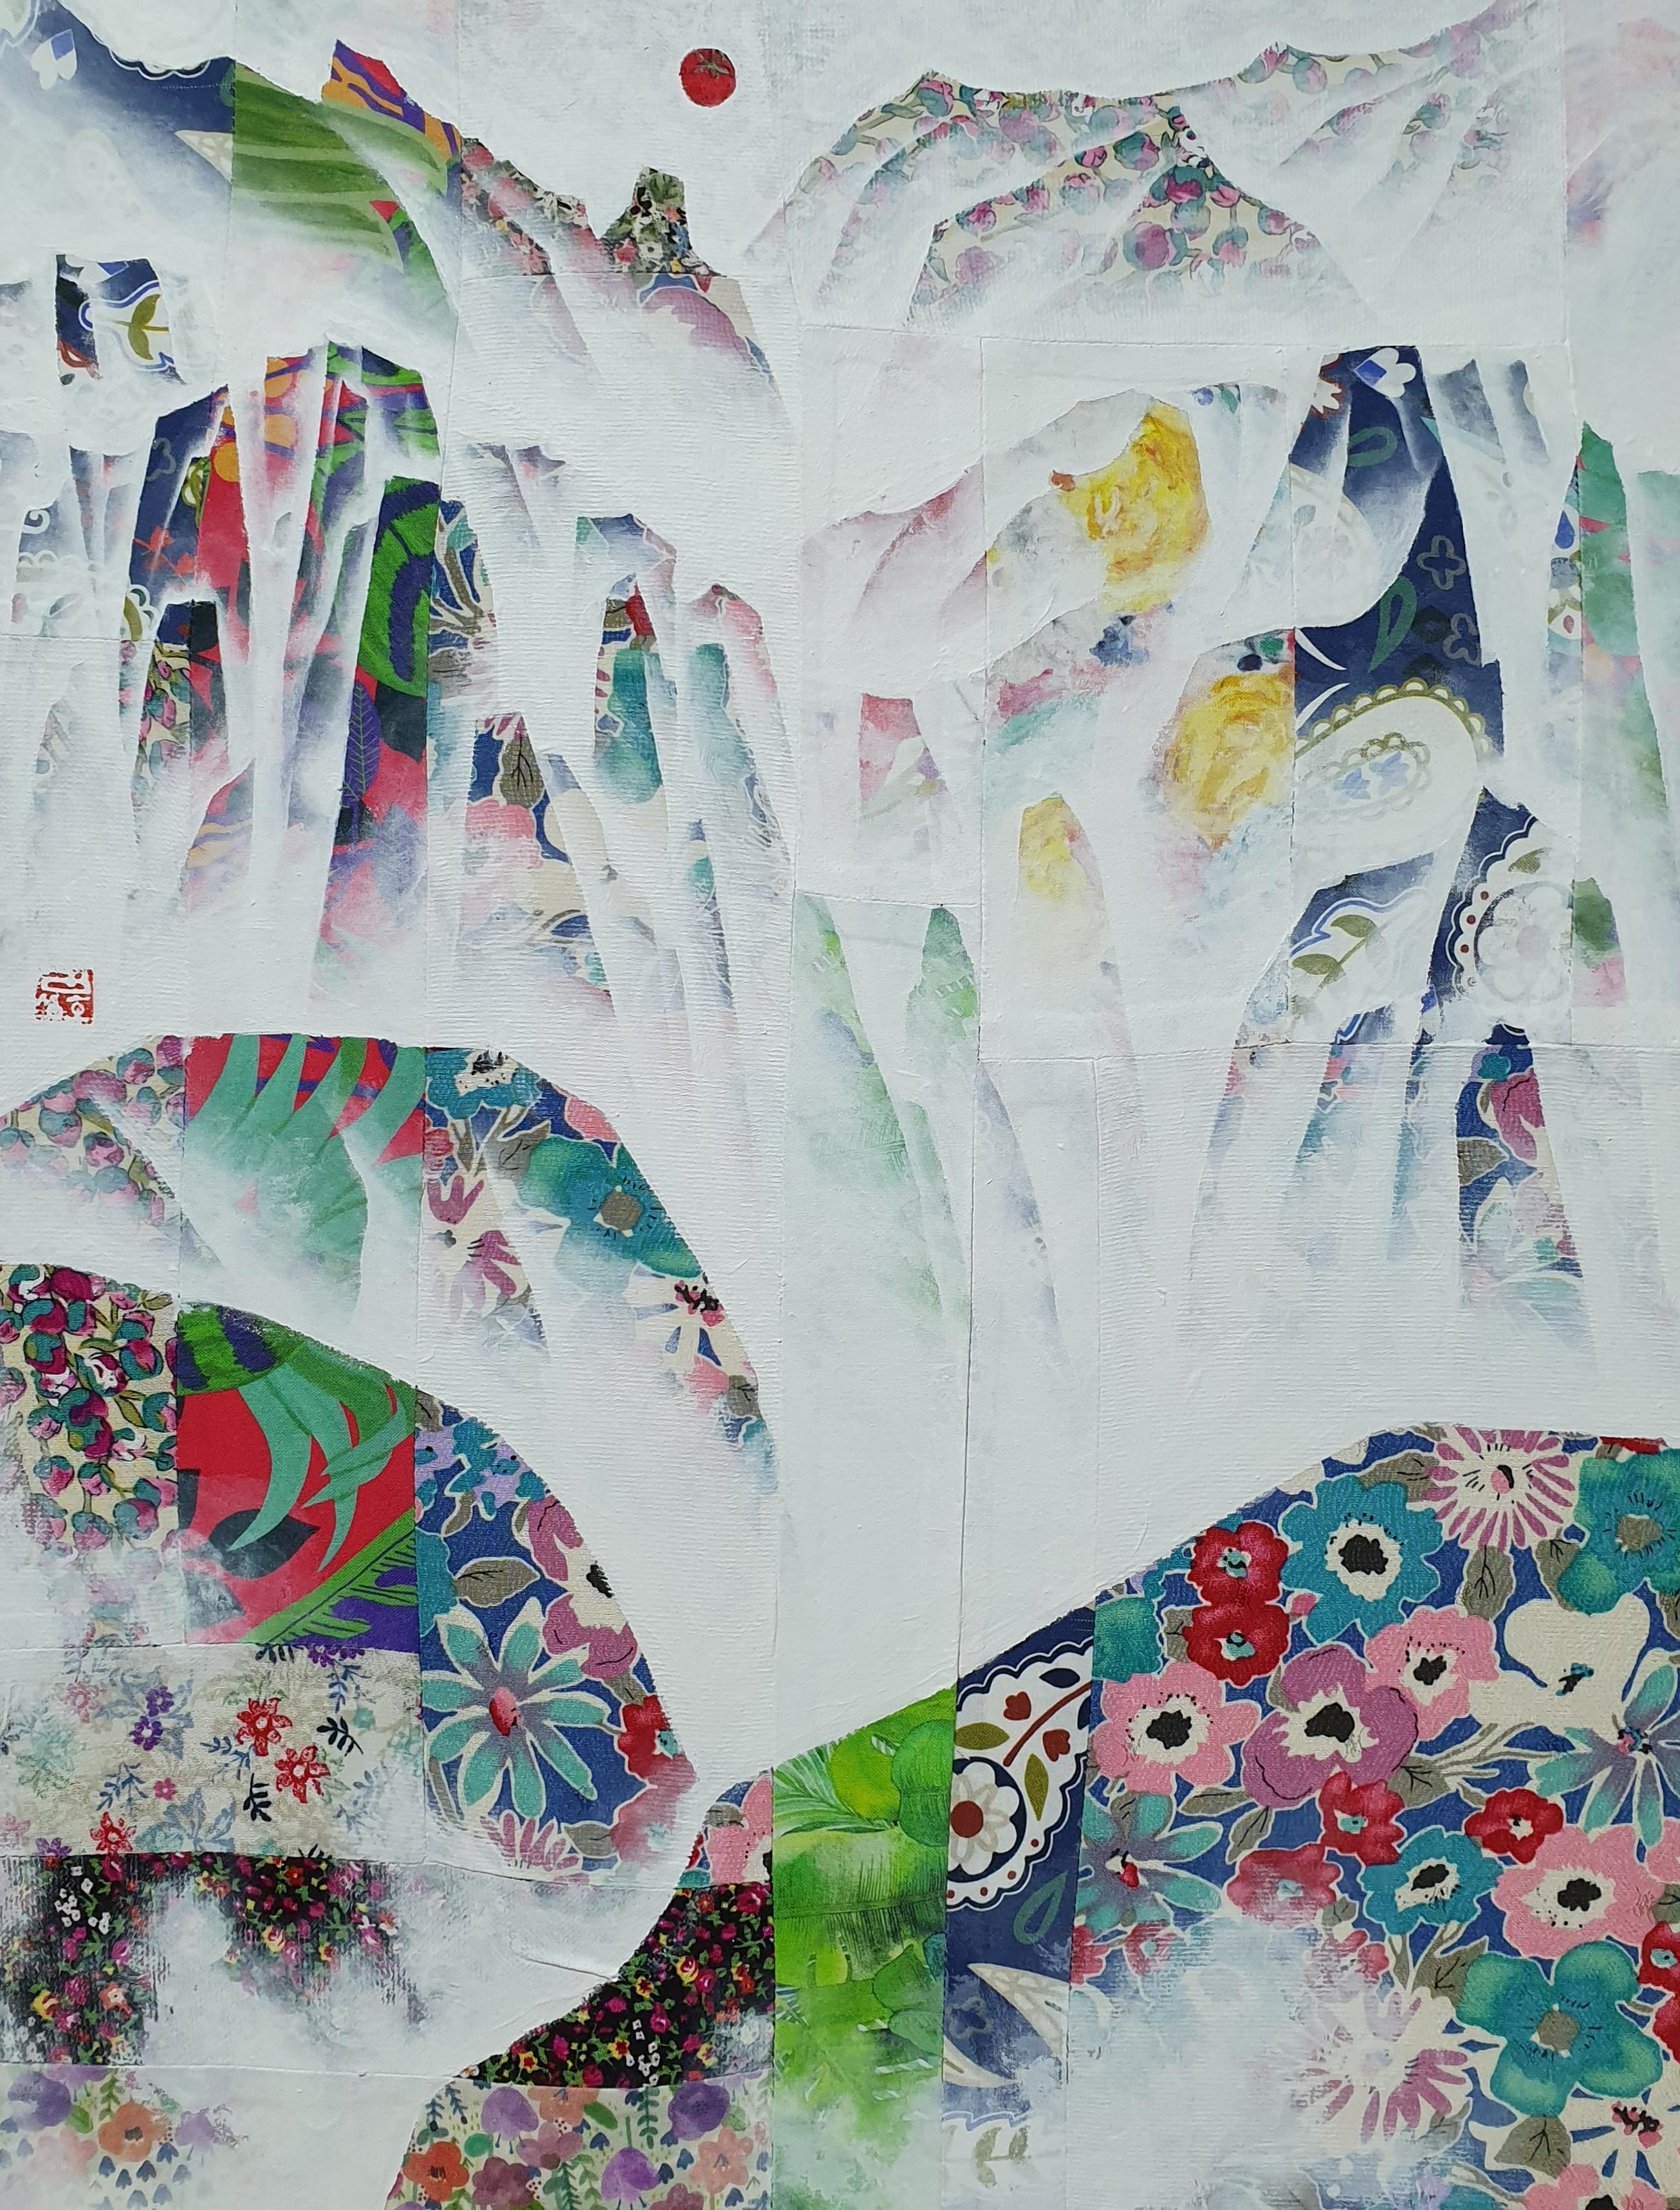 김성호2, 금수강산 19-2, 혼합재료, 41 x 53 cm, 2019.